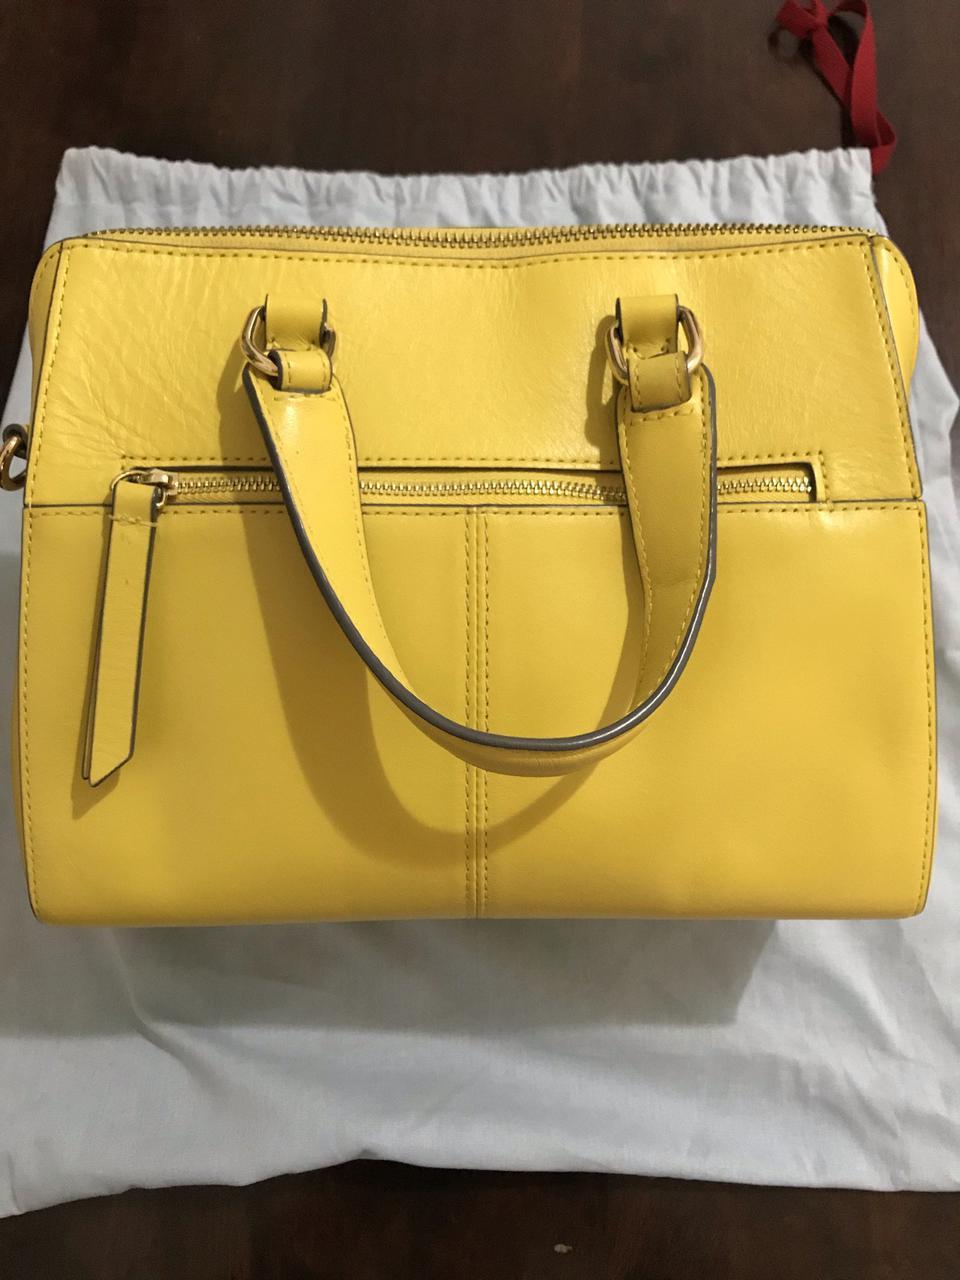 ขออนุญาตเปิด กระเป๋าถือและสะพาย Catch Kidston รุ่น The Henshall Leather Bag สีเหลืองสดใส รุ่นนี้วัสดุหนังแท้  รูปที่ 2